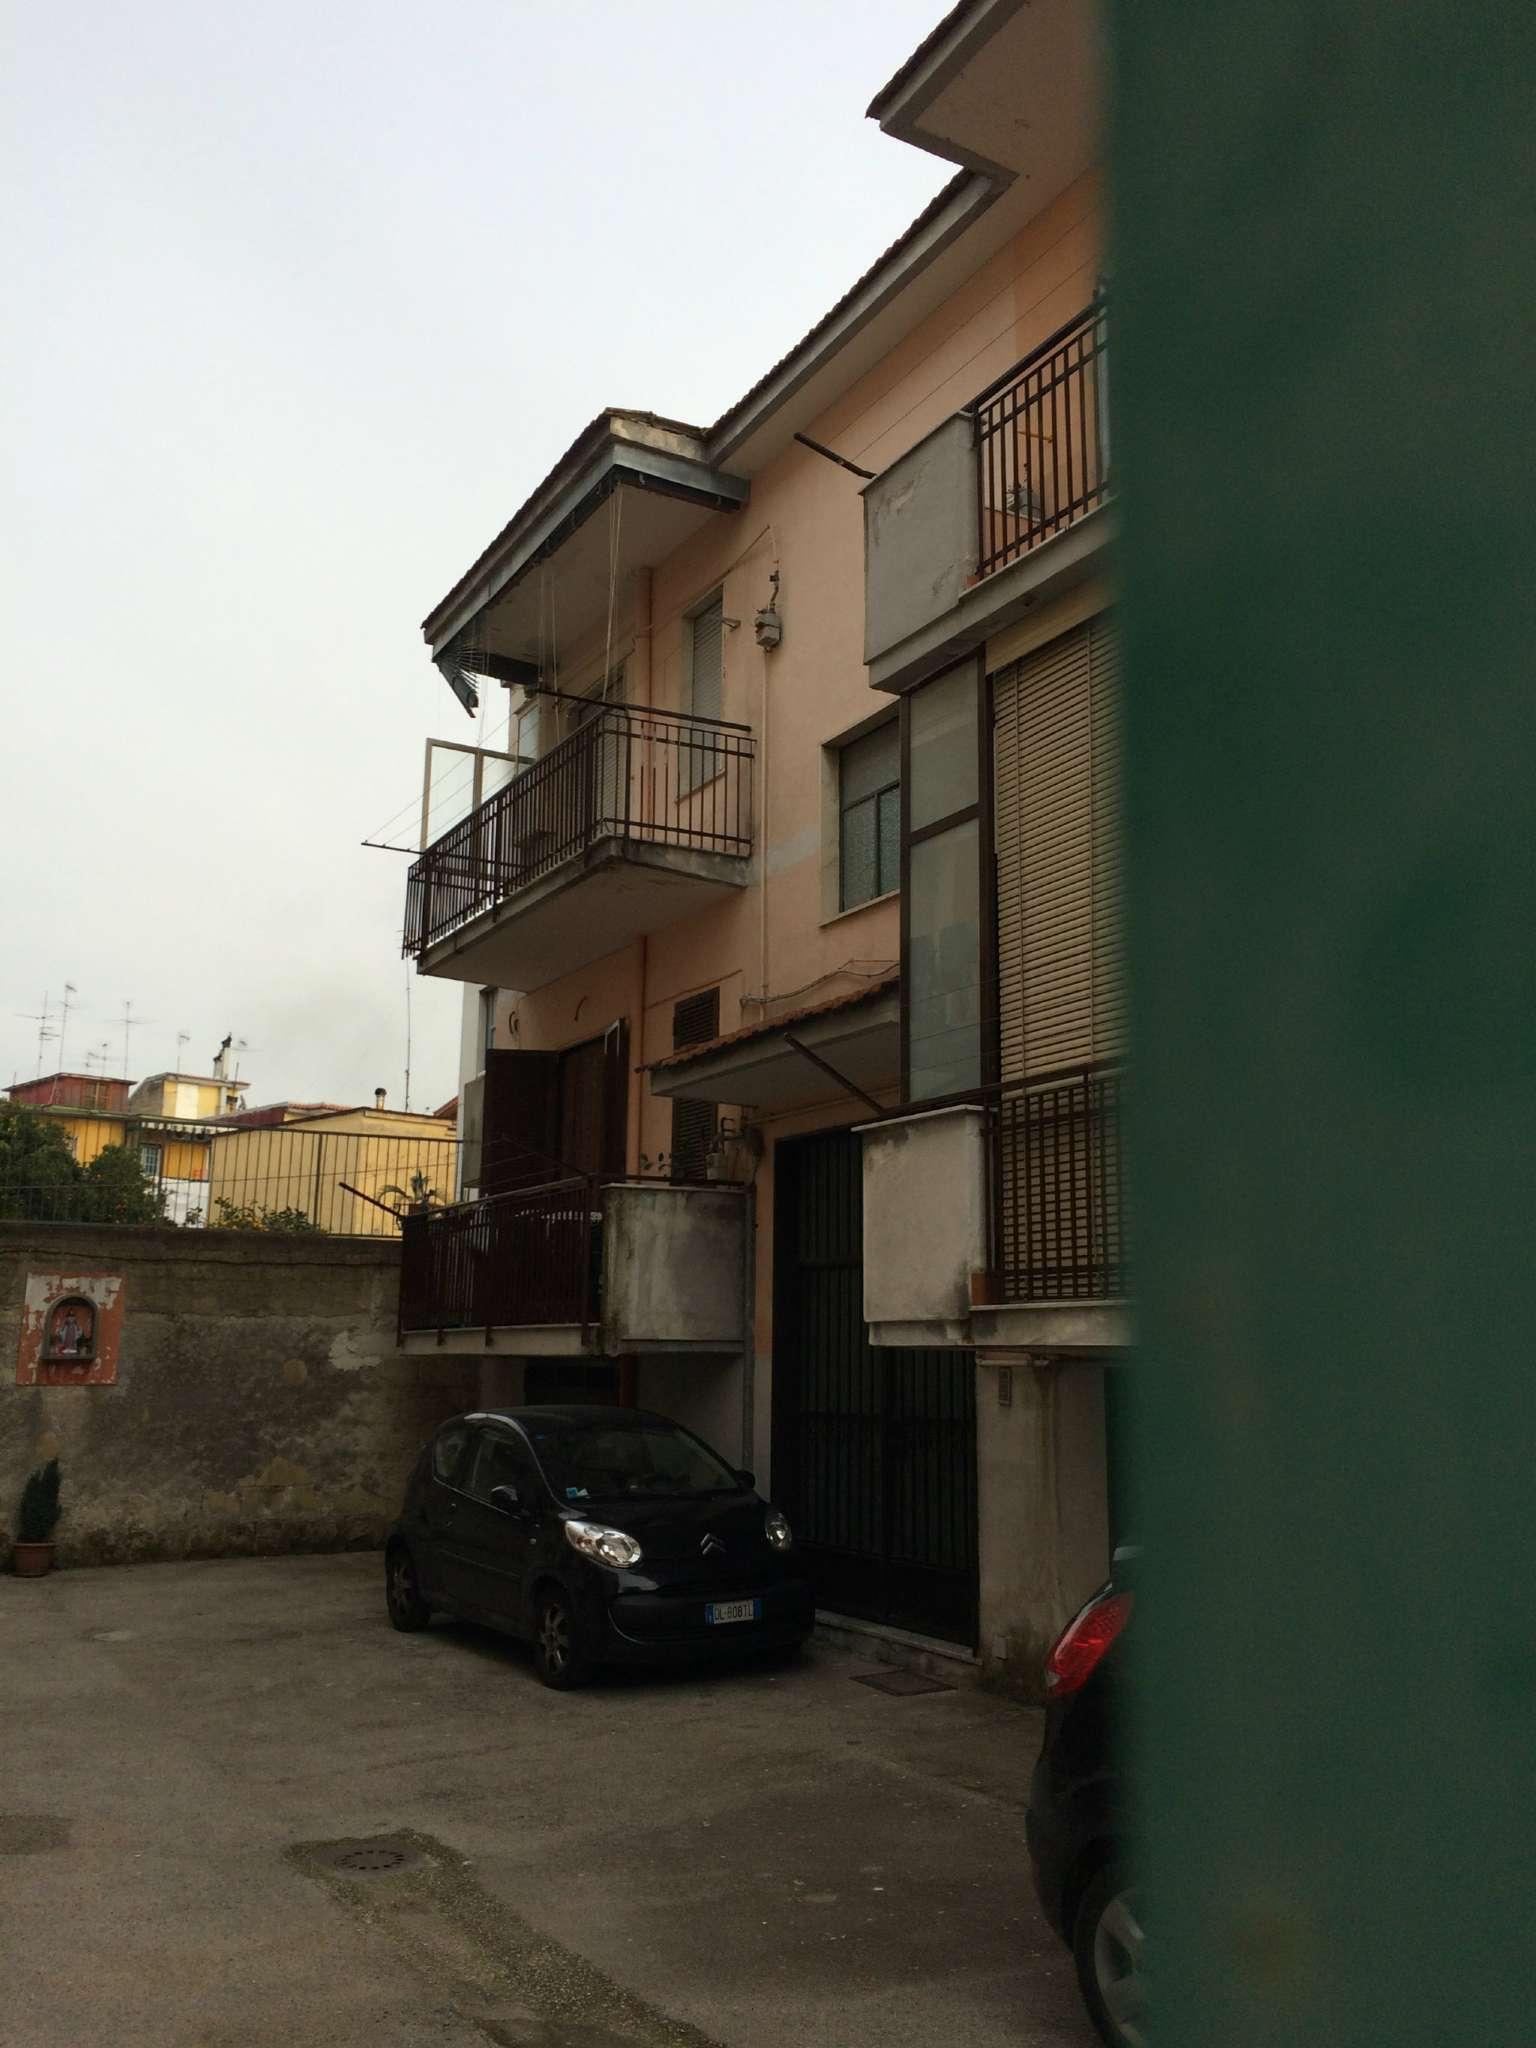 Appartamento in vendita a Mugnano di Napoli, 3 locali, prezzo € 120.000 | CambioCasa.it